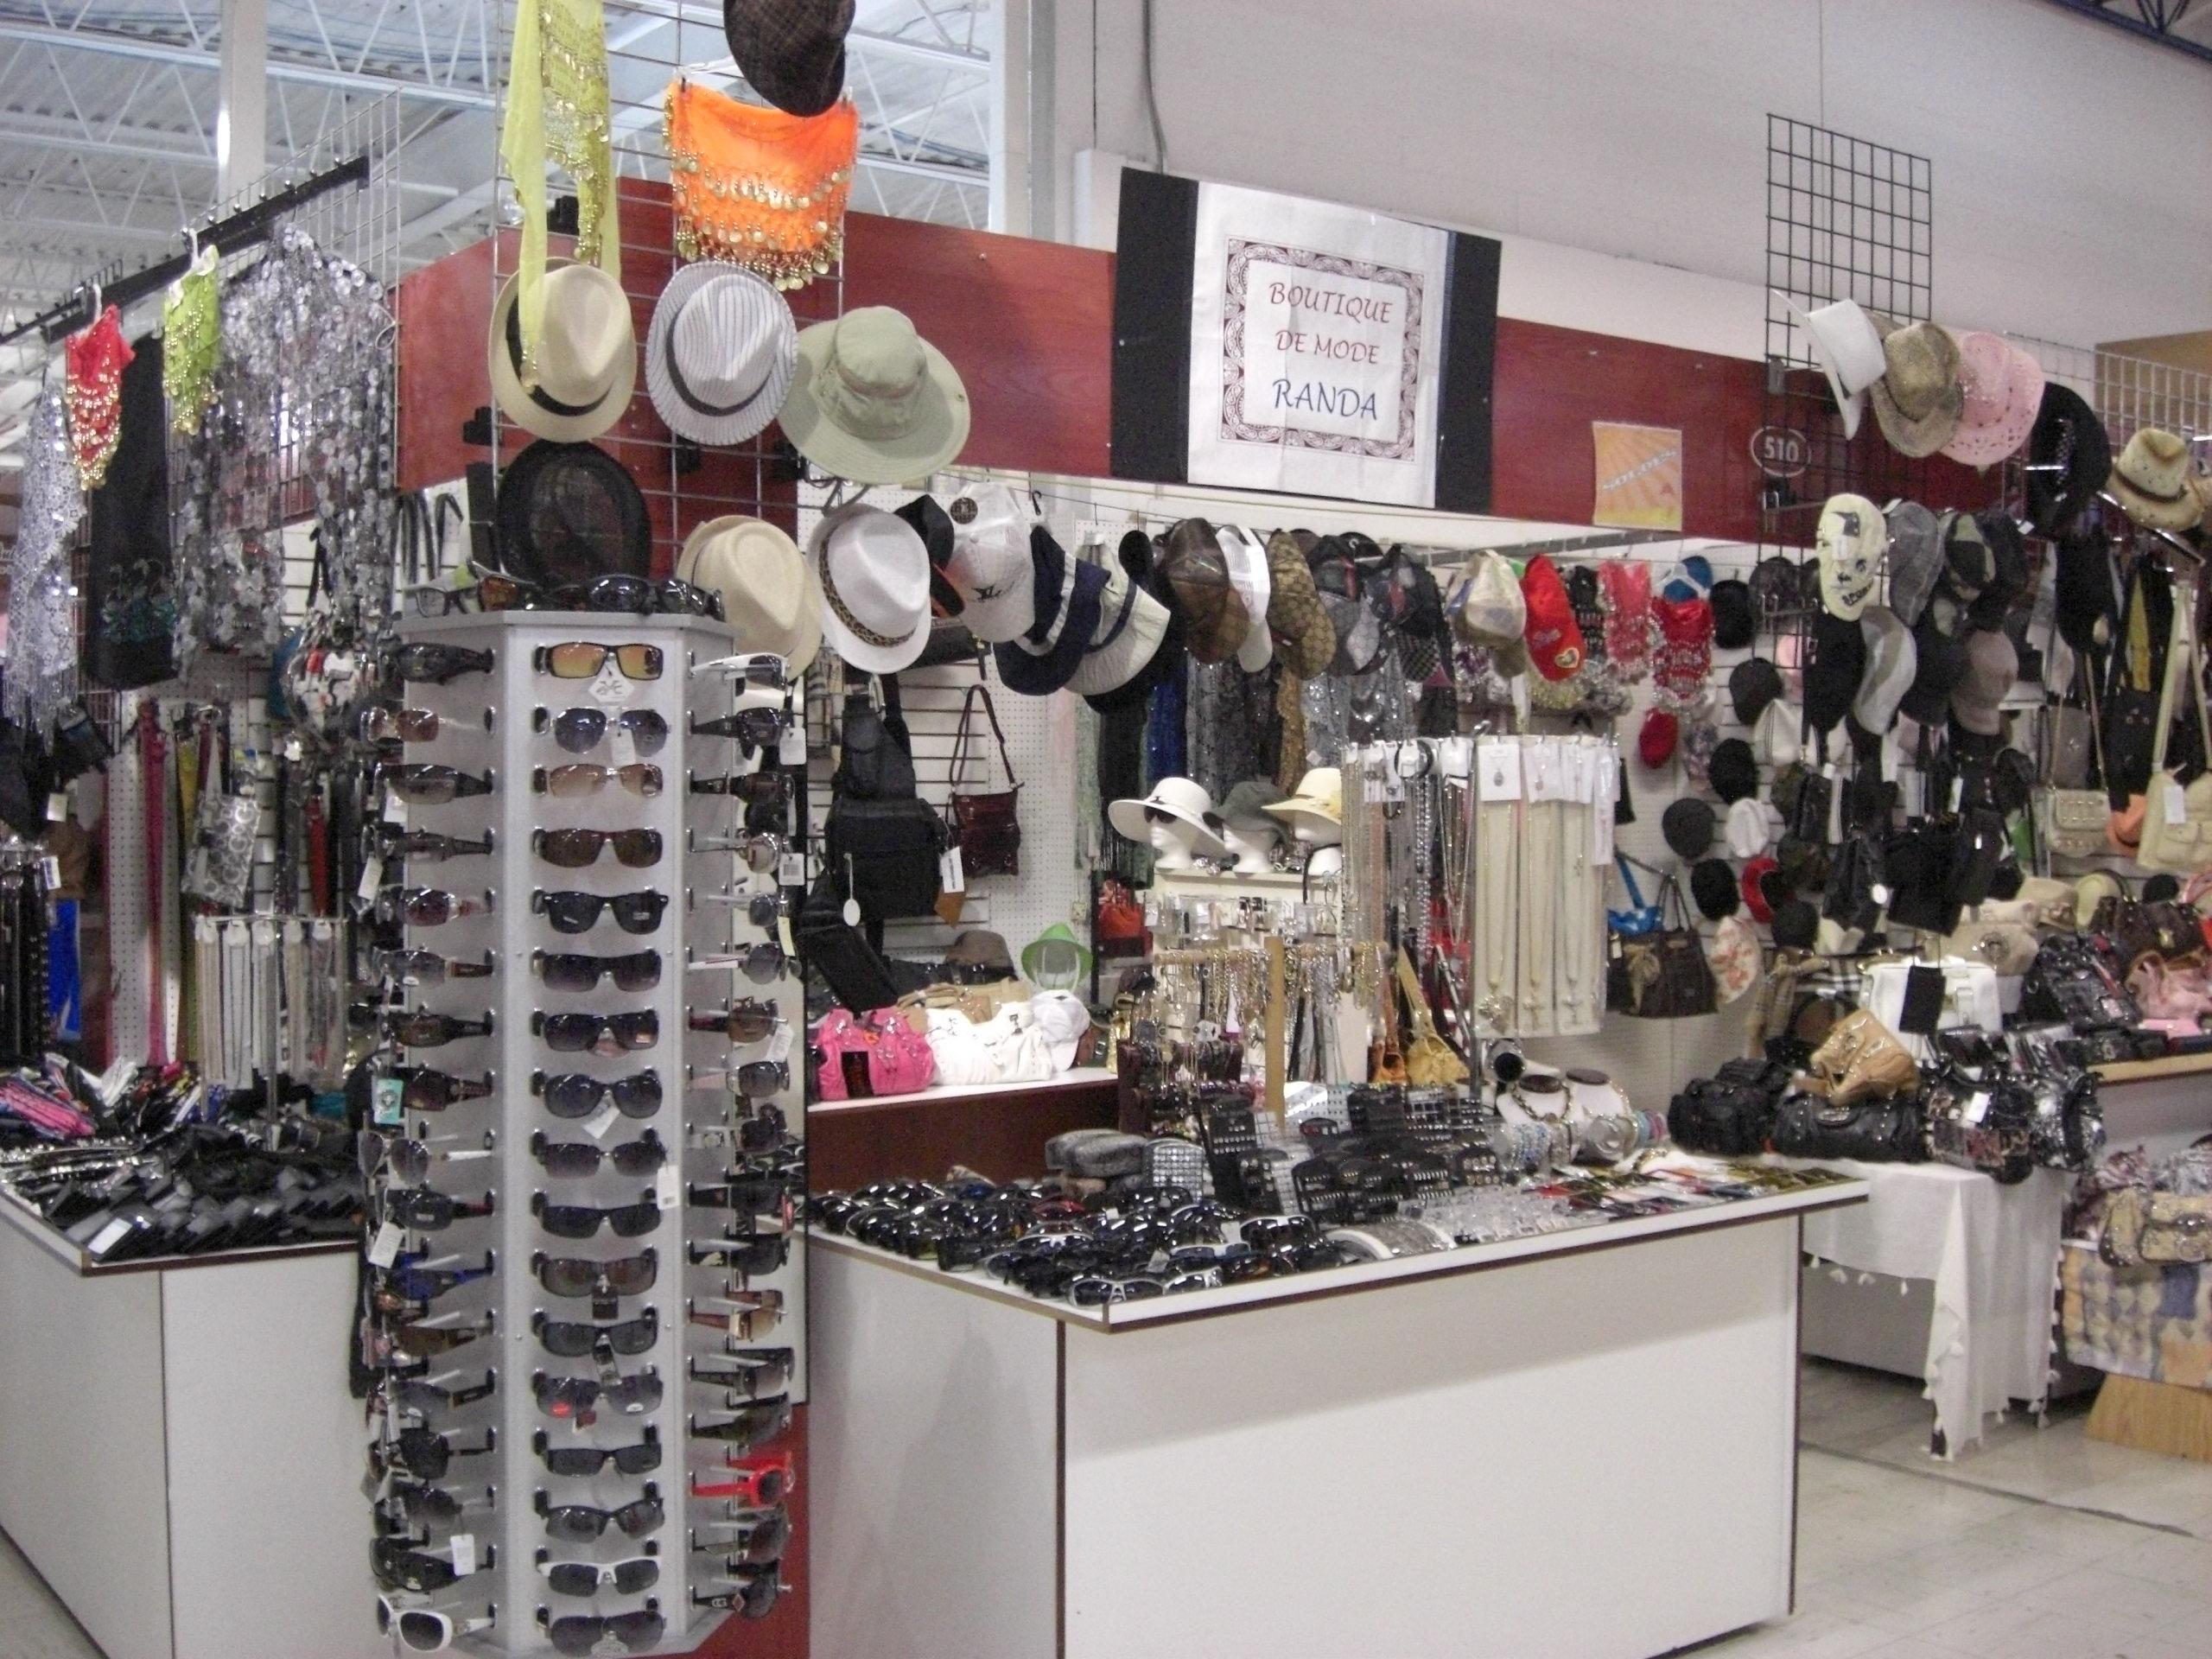 Boutique Rhanda, ceinture, foulards, sacs et accessoires